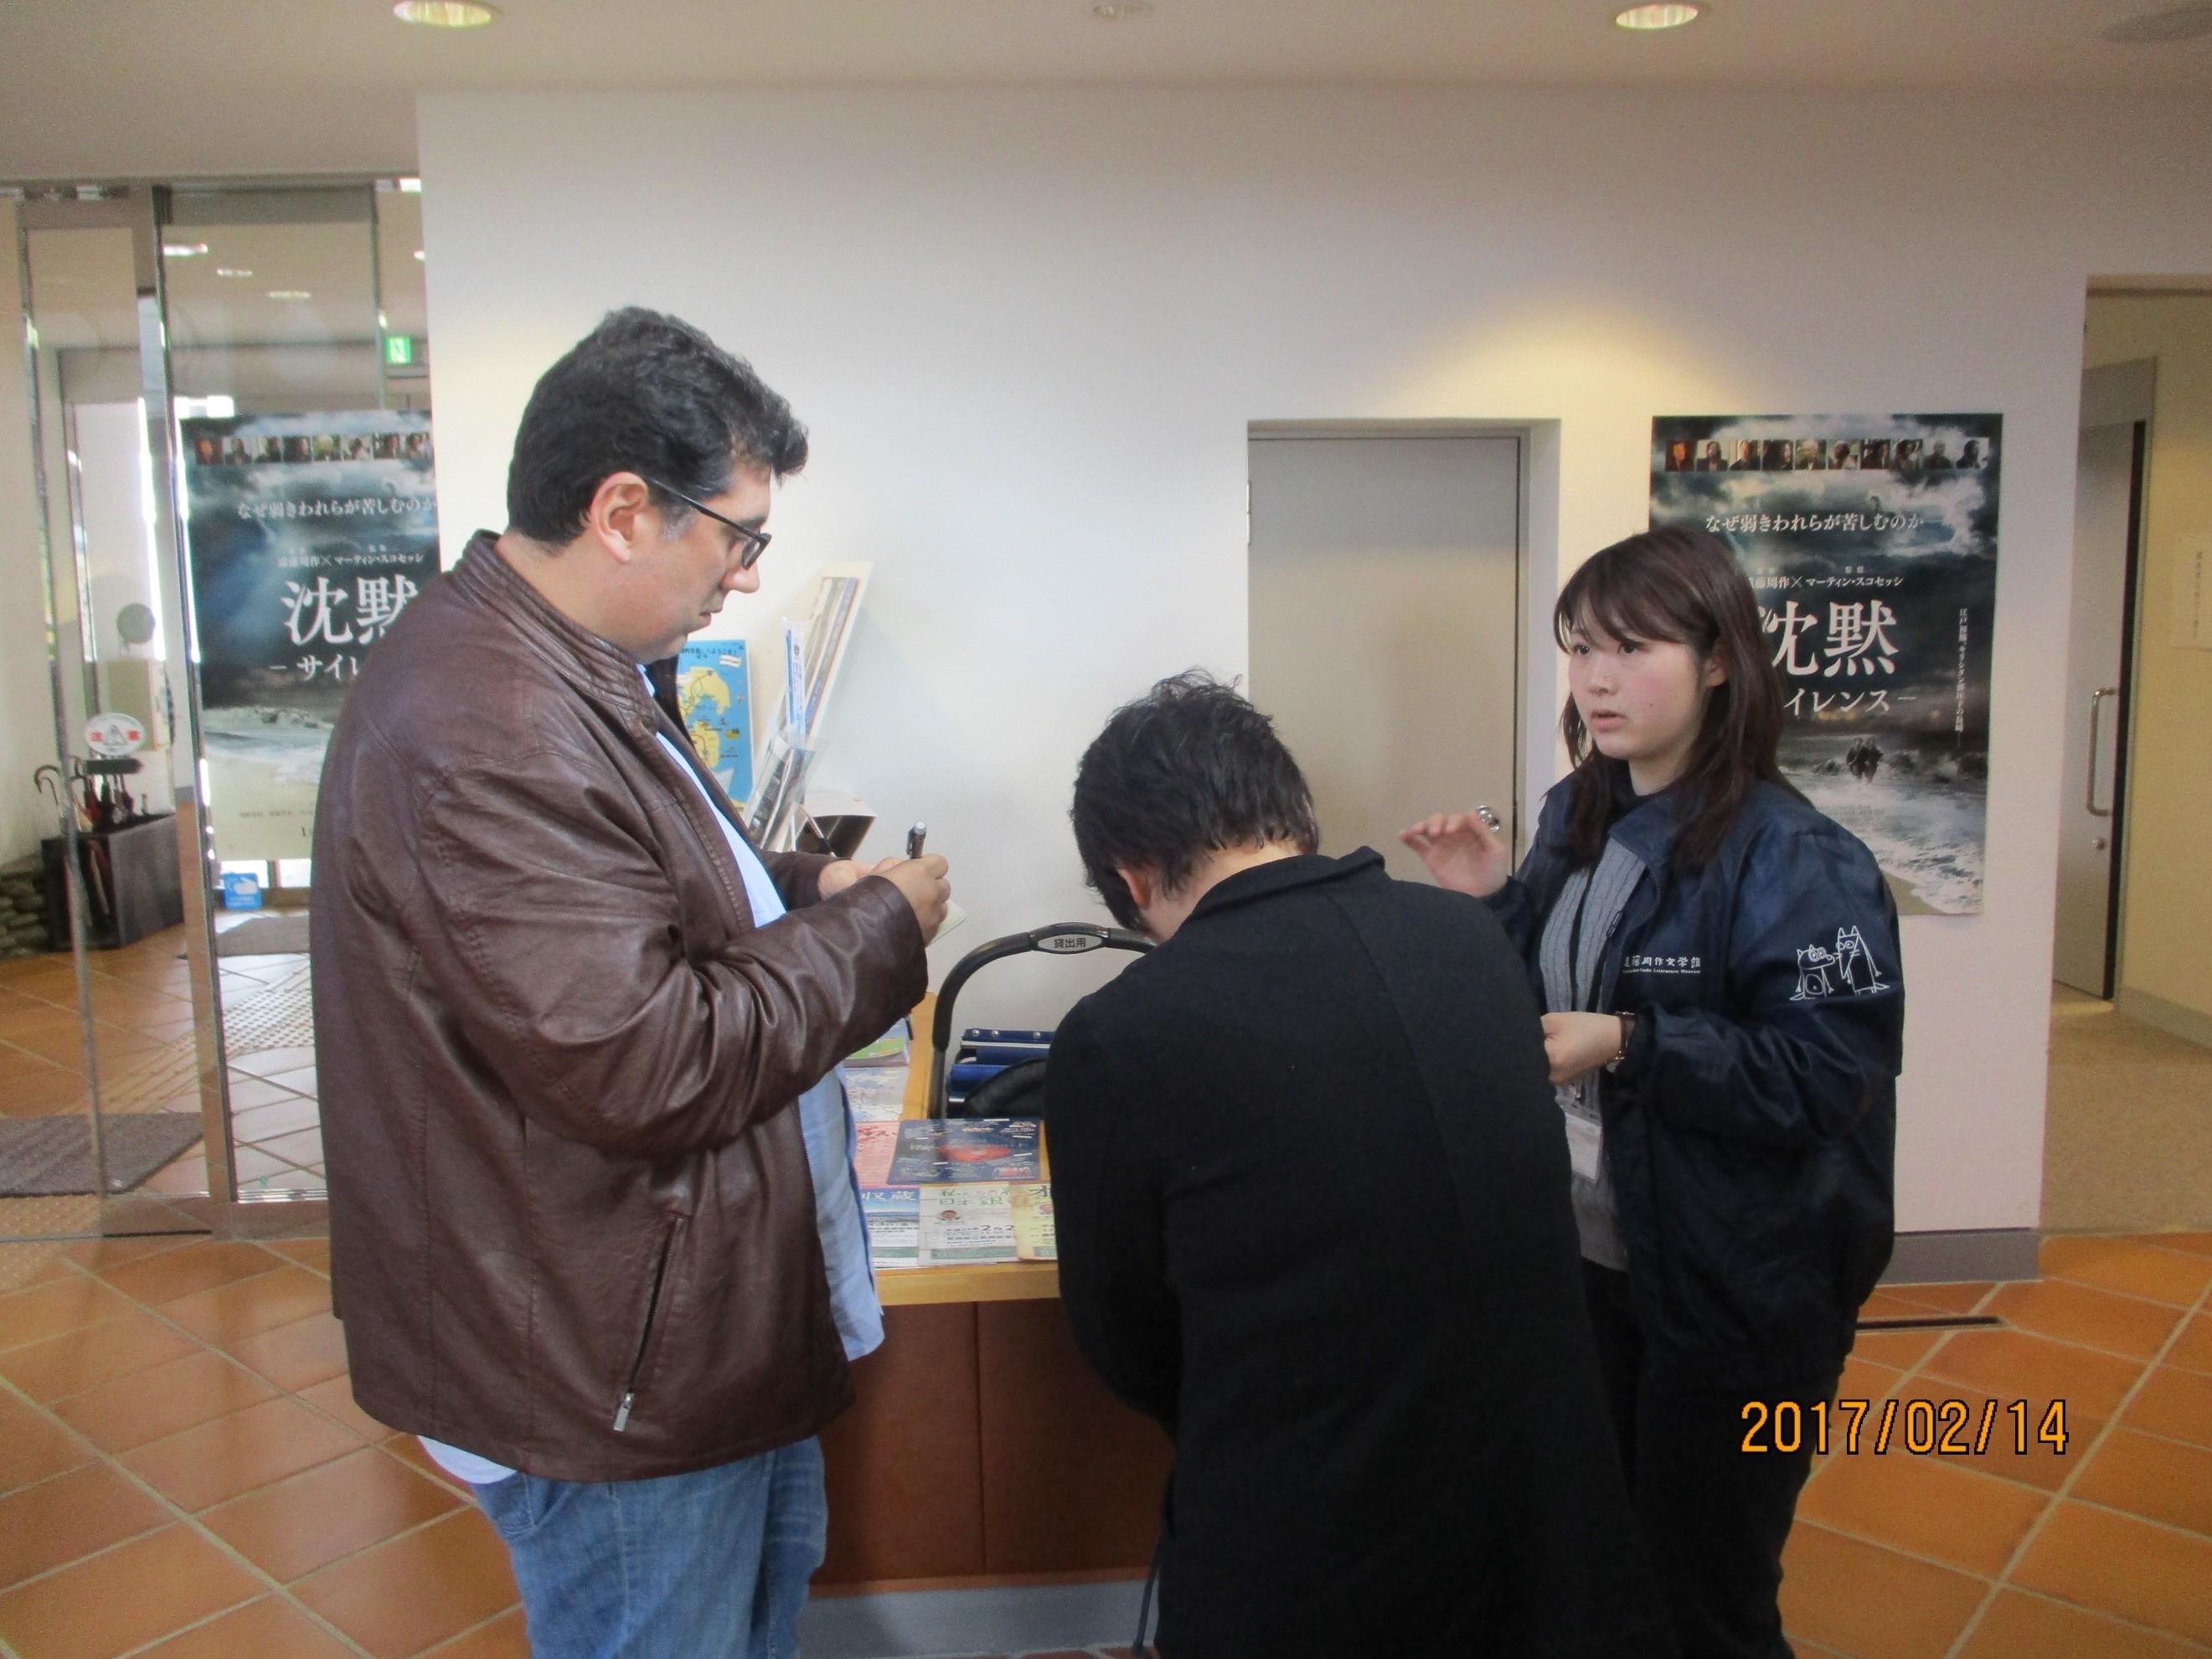 熱心に取材をされるフェレイラ氏 於:遠藤周作記念館